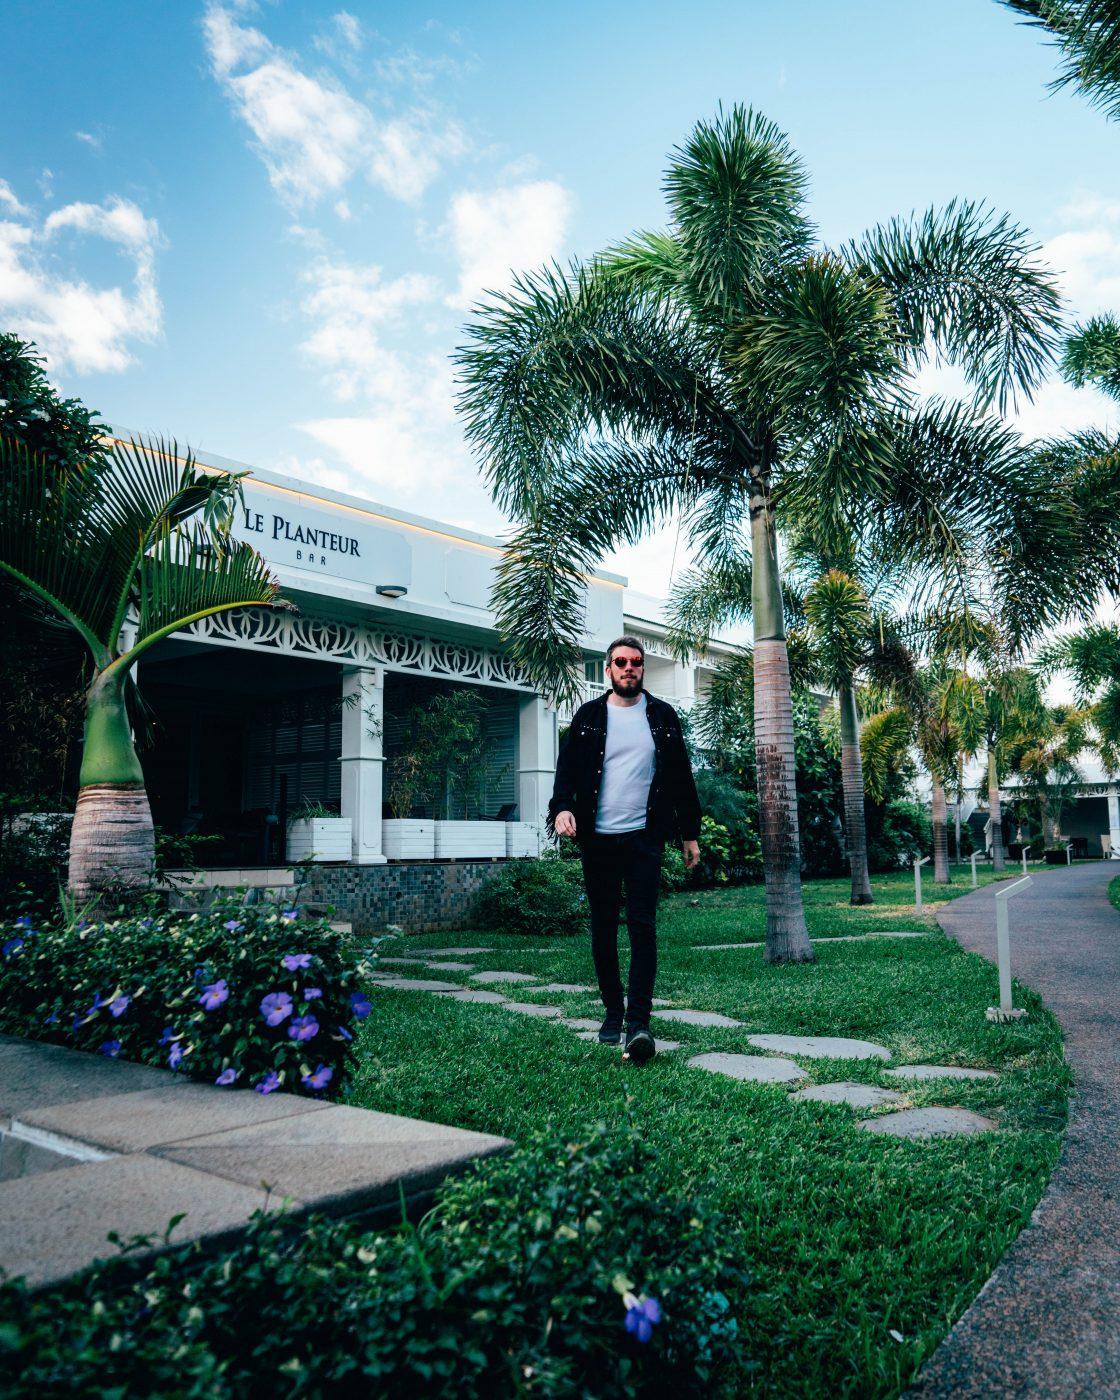 Villa Delisle Hotel & Spa: post-colonial charm in the heart of Saint-Pierre, La Réunion 10